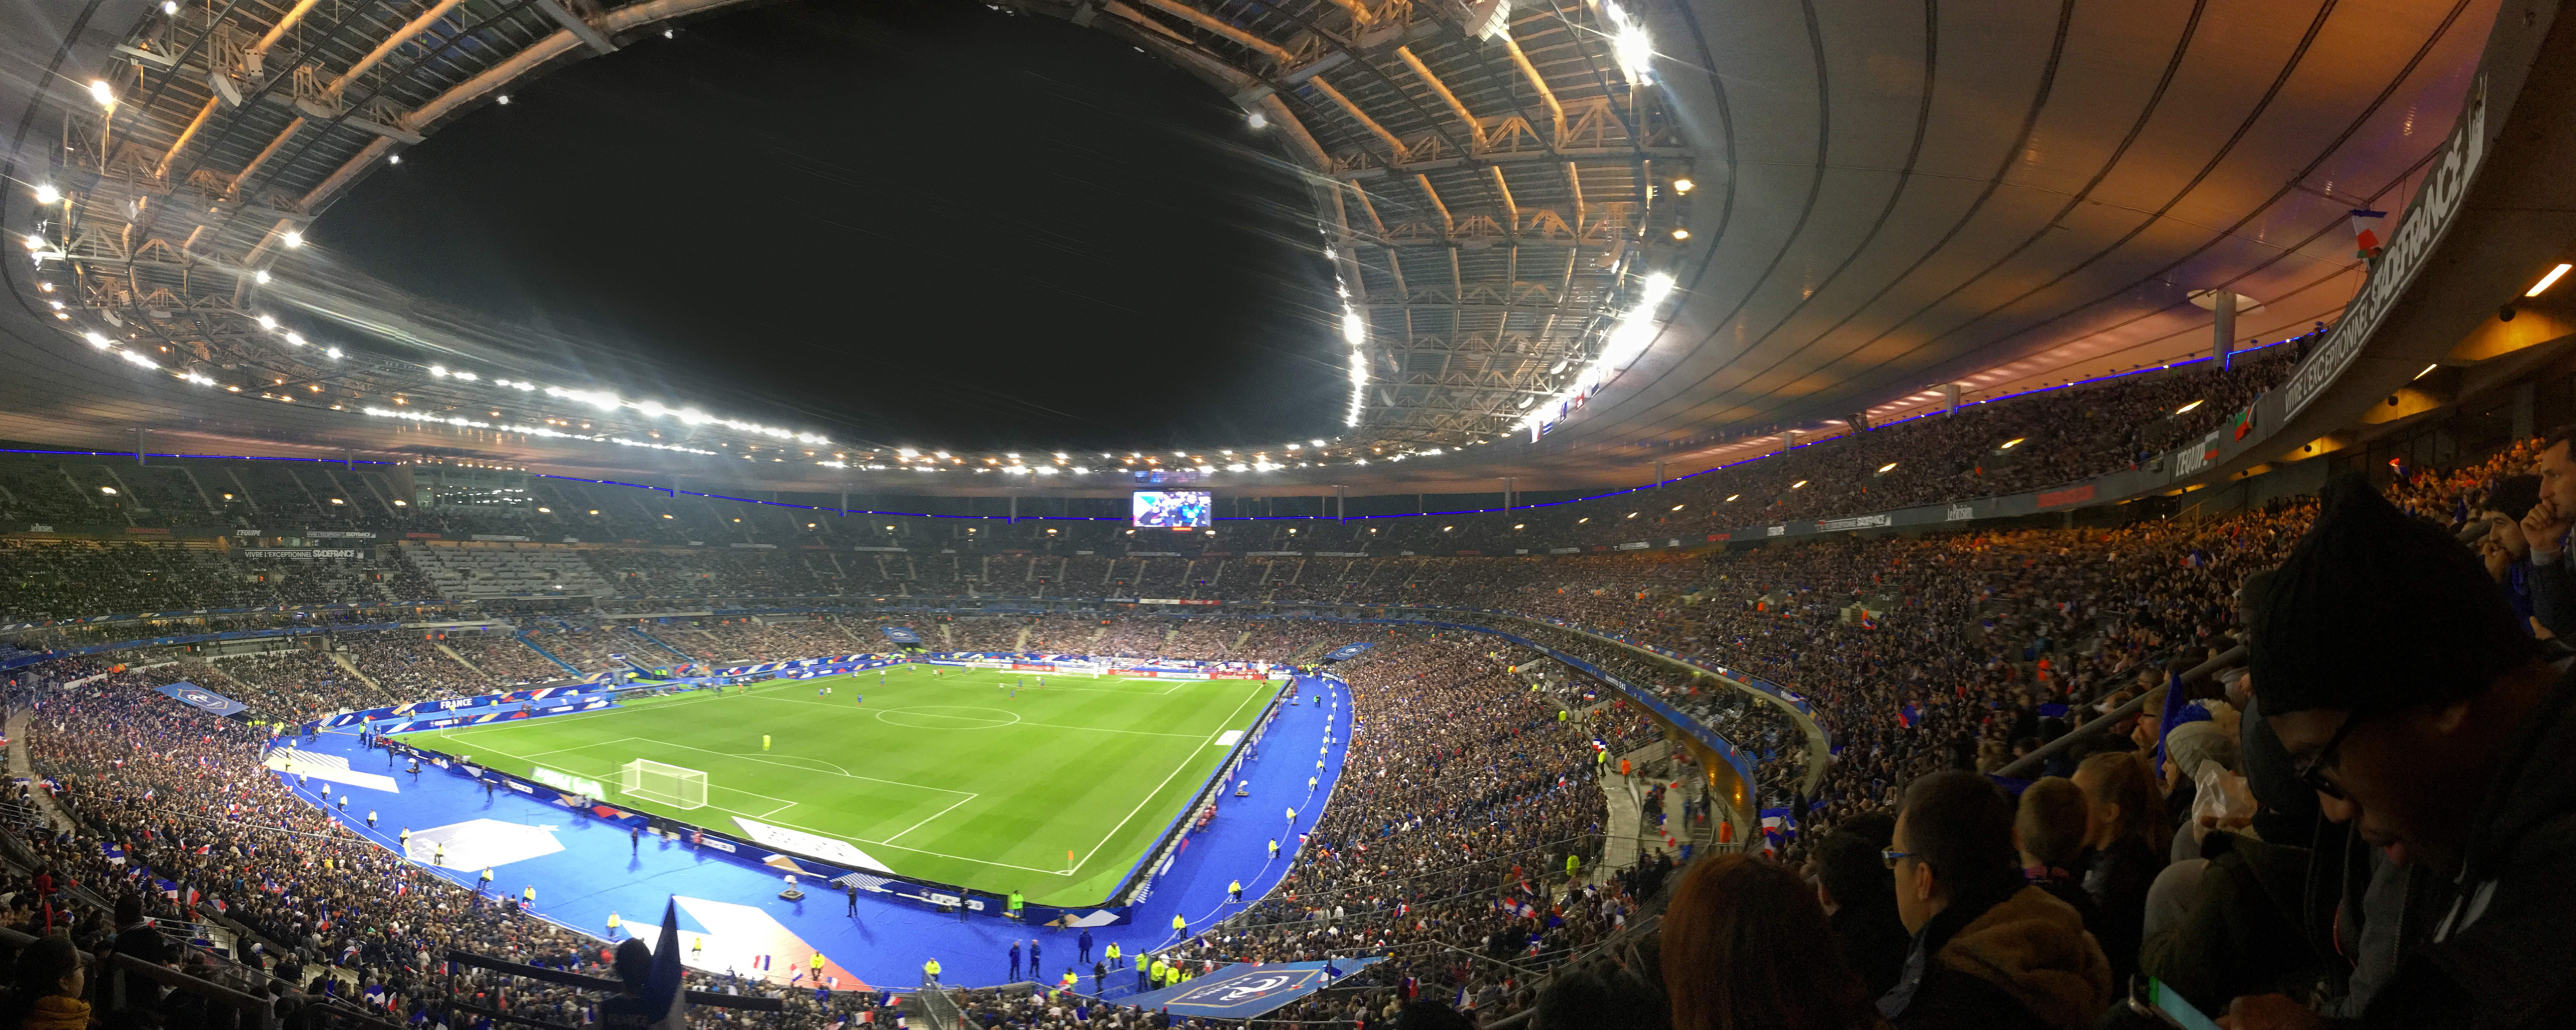 Stade de France CRT Paris Île-de-France